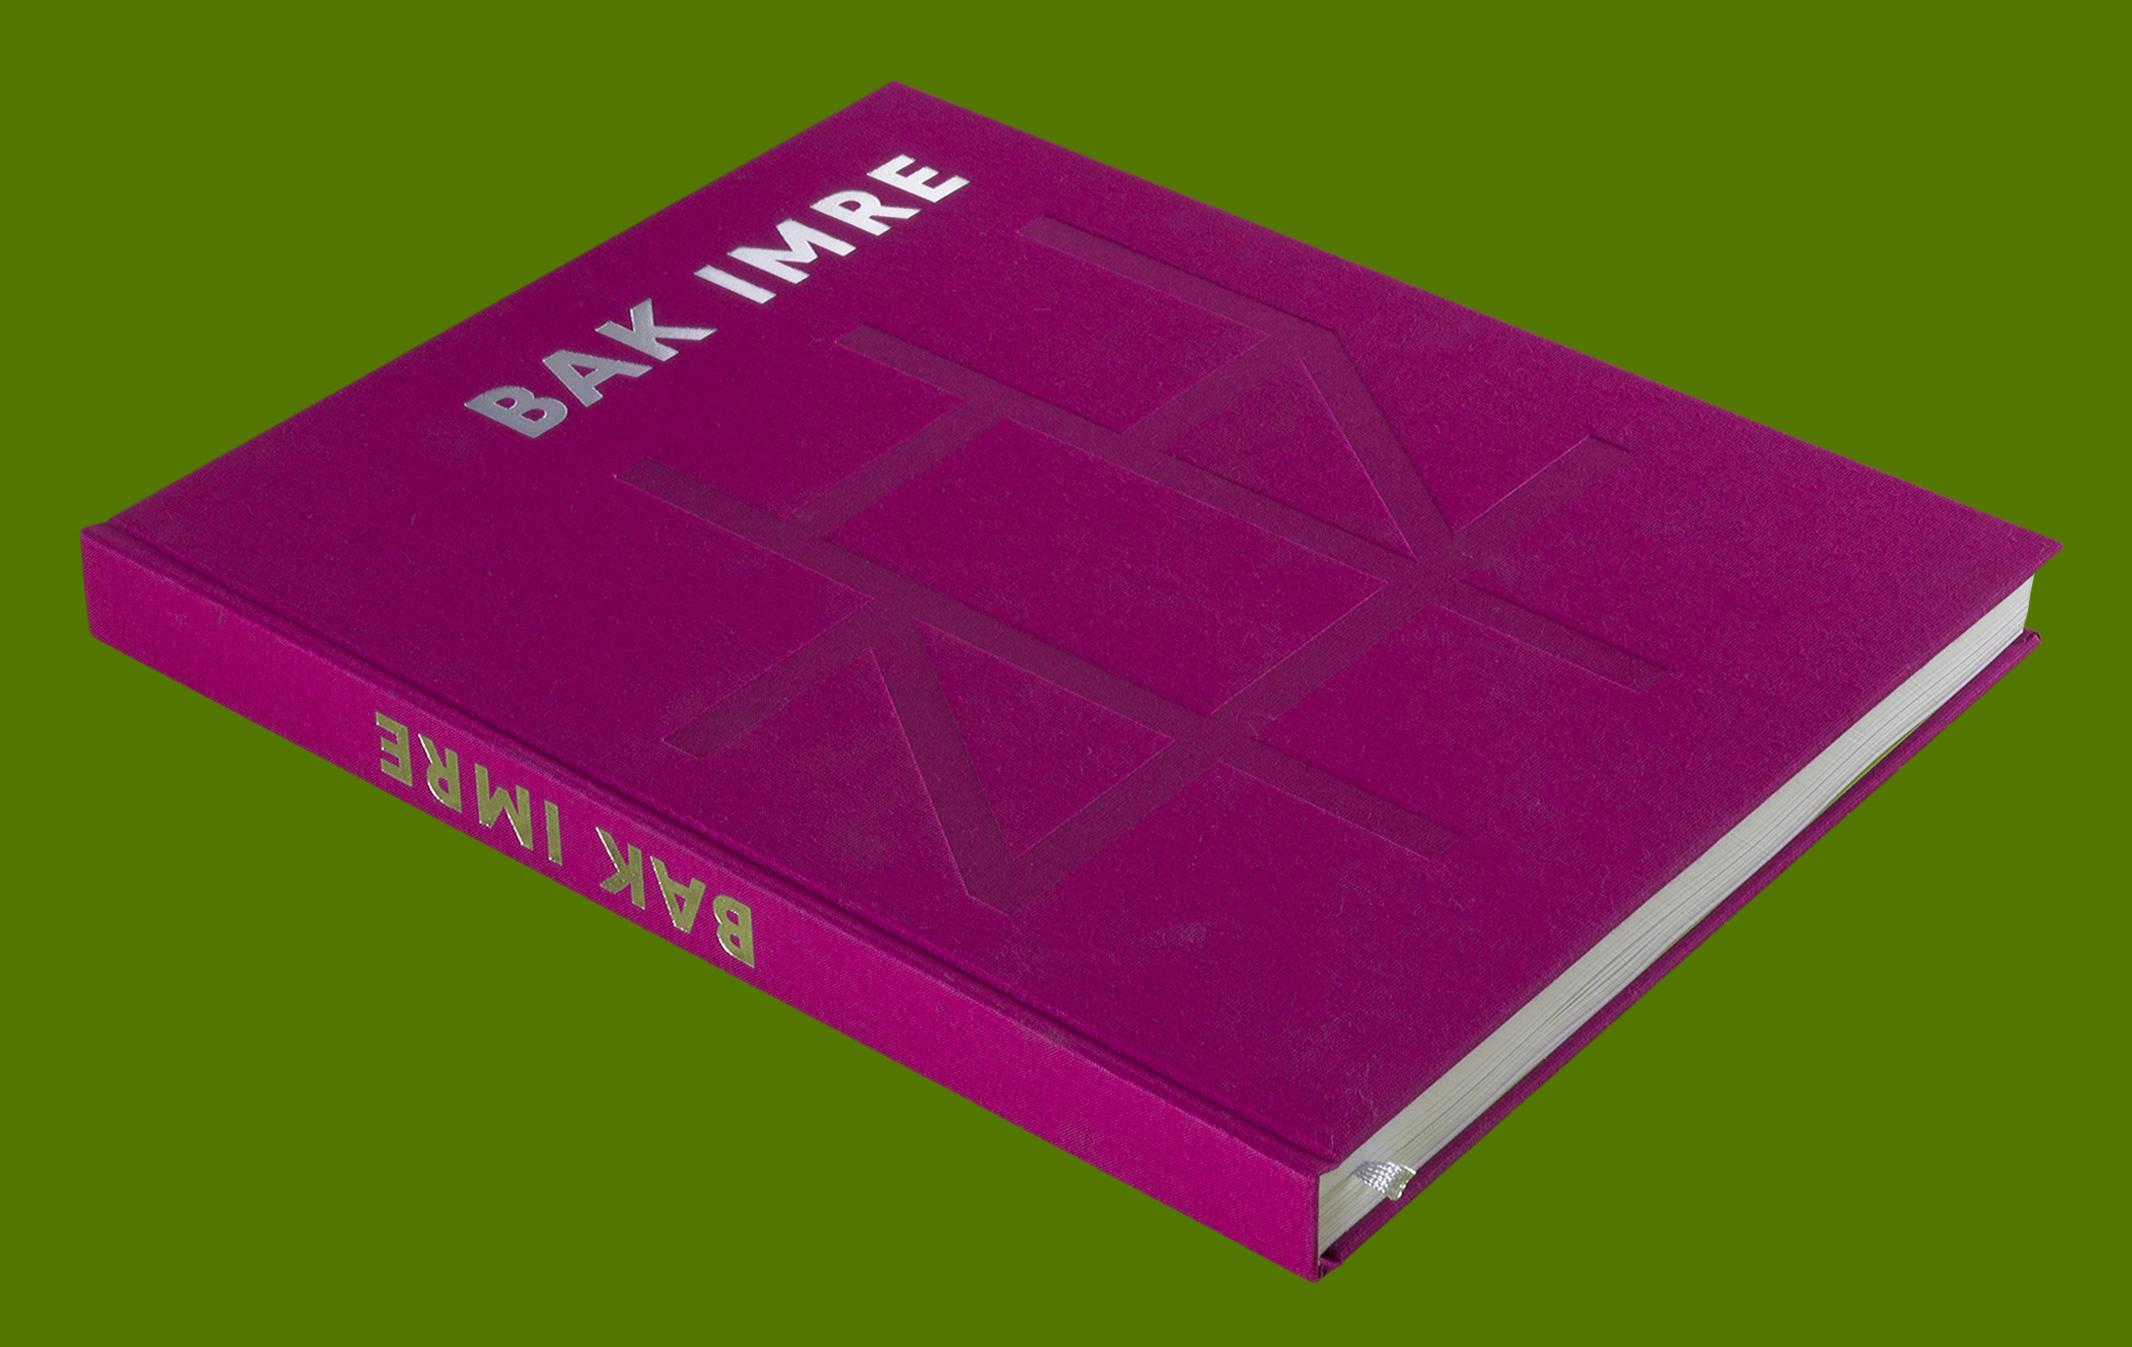 bak-imre-book-9